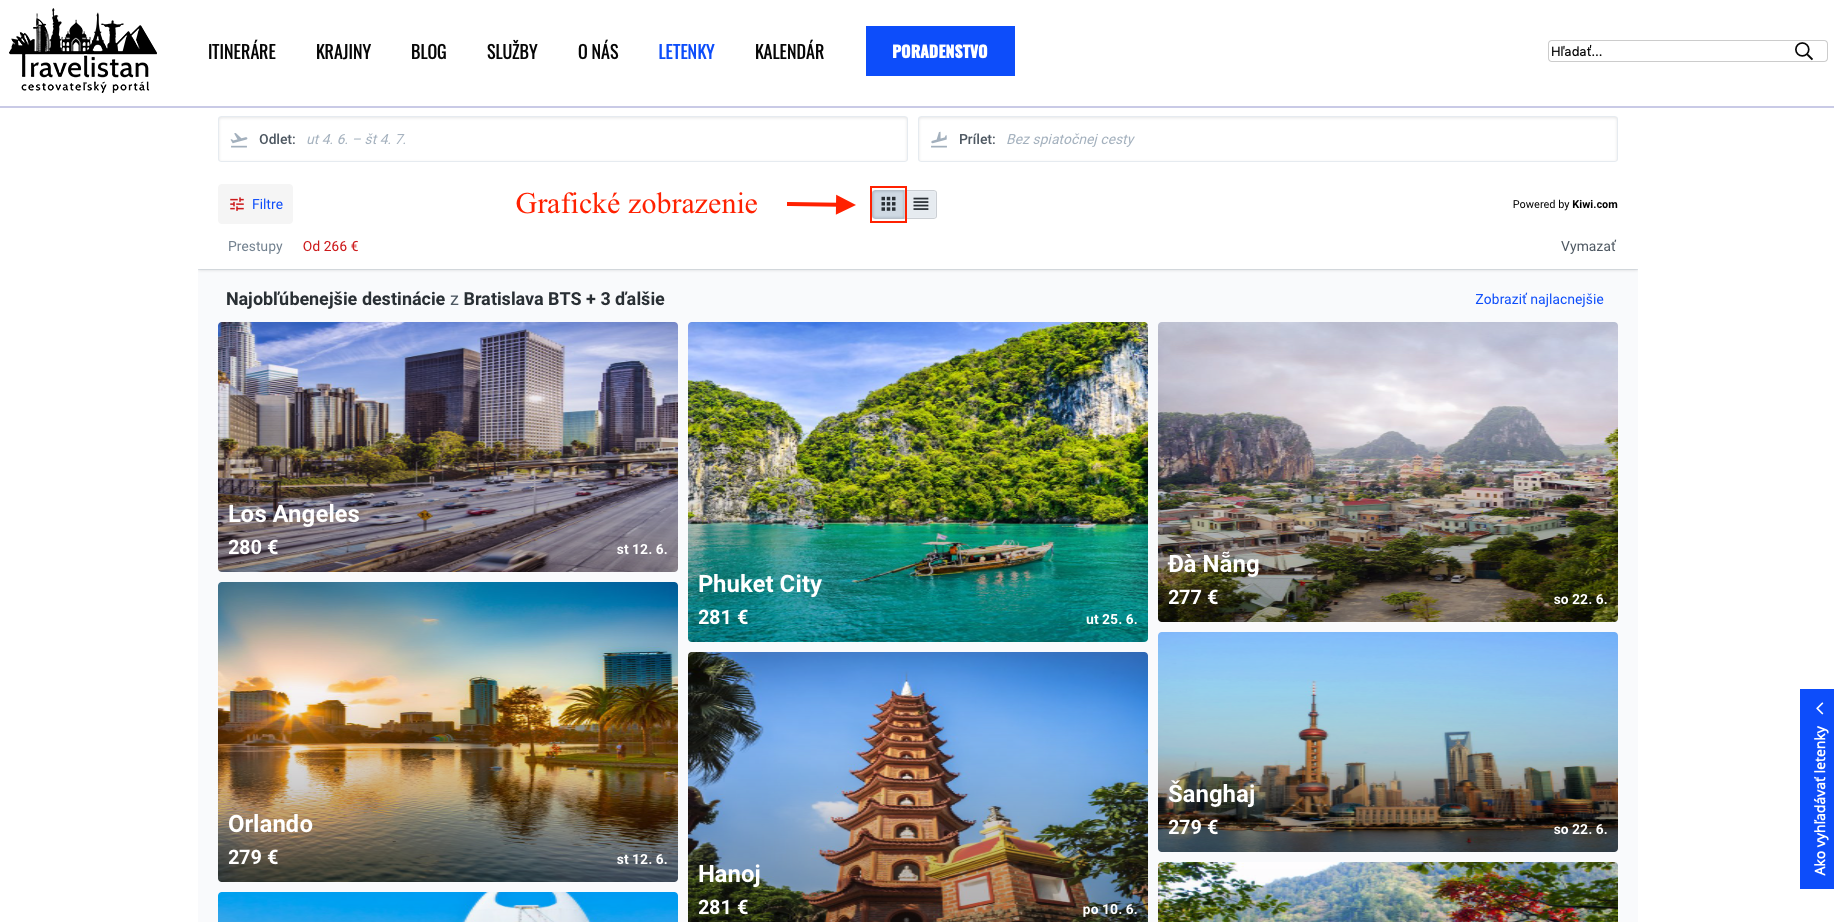 obrázky Vietnam dátumové údaje lokalít Lakewood WA datovania a zoznámenie a topix